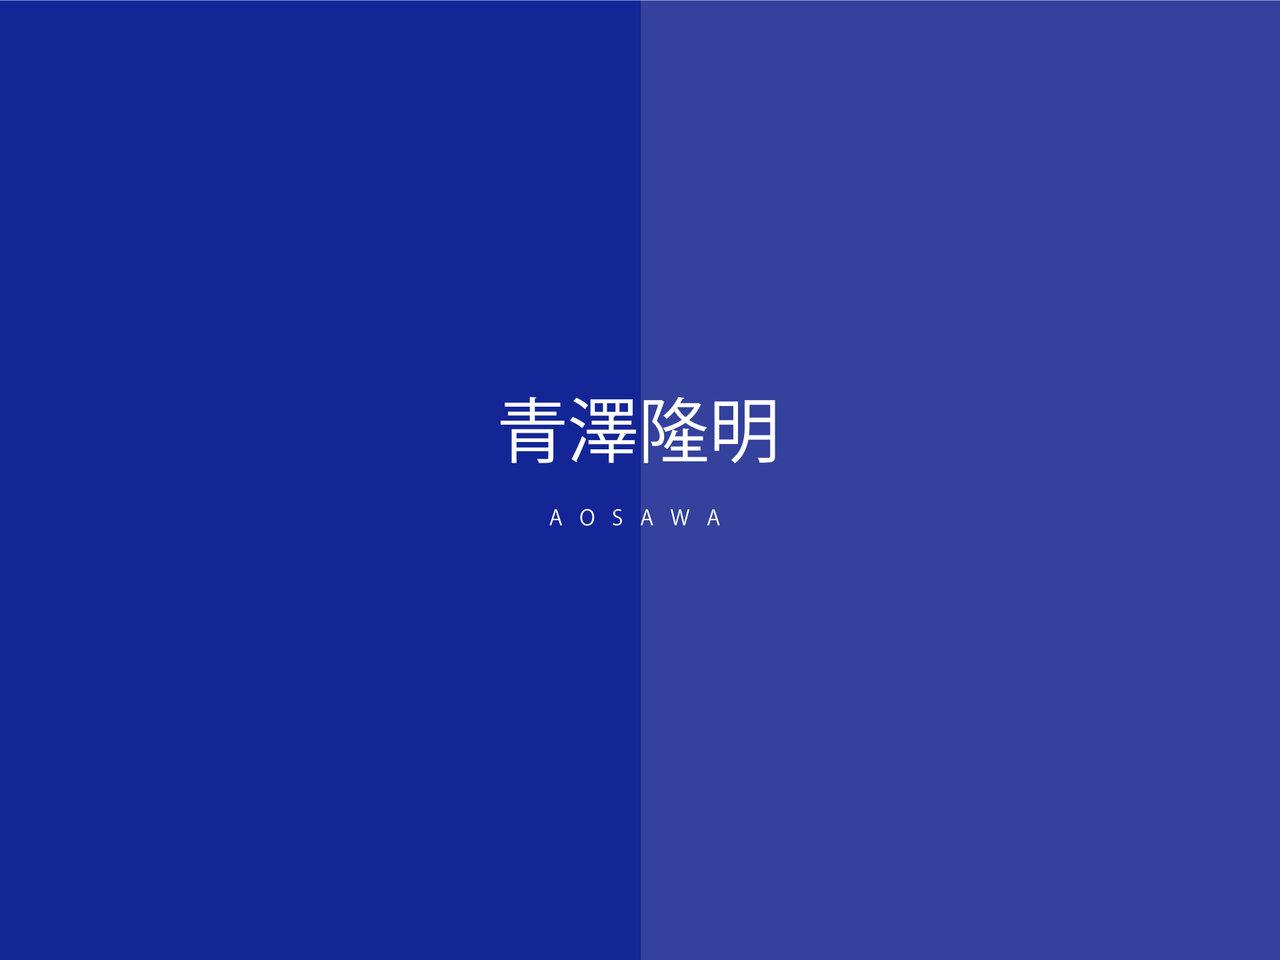 再会まで (前) -くるりの『thaw』への前奏曲